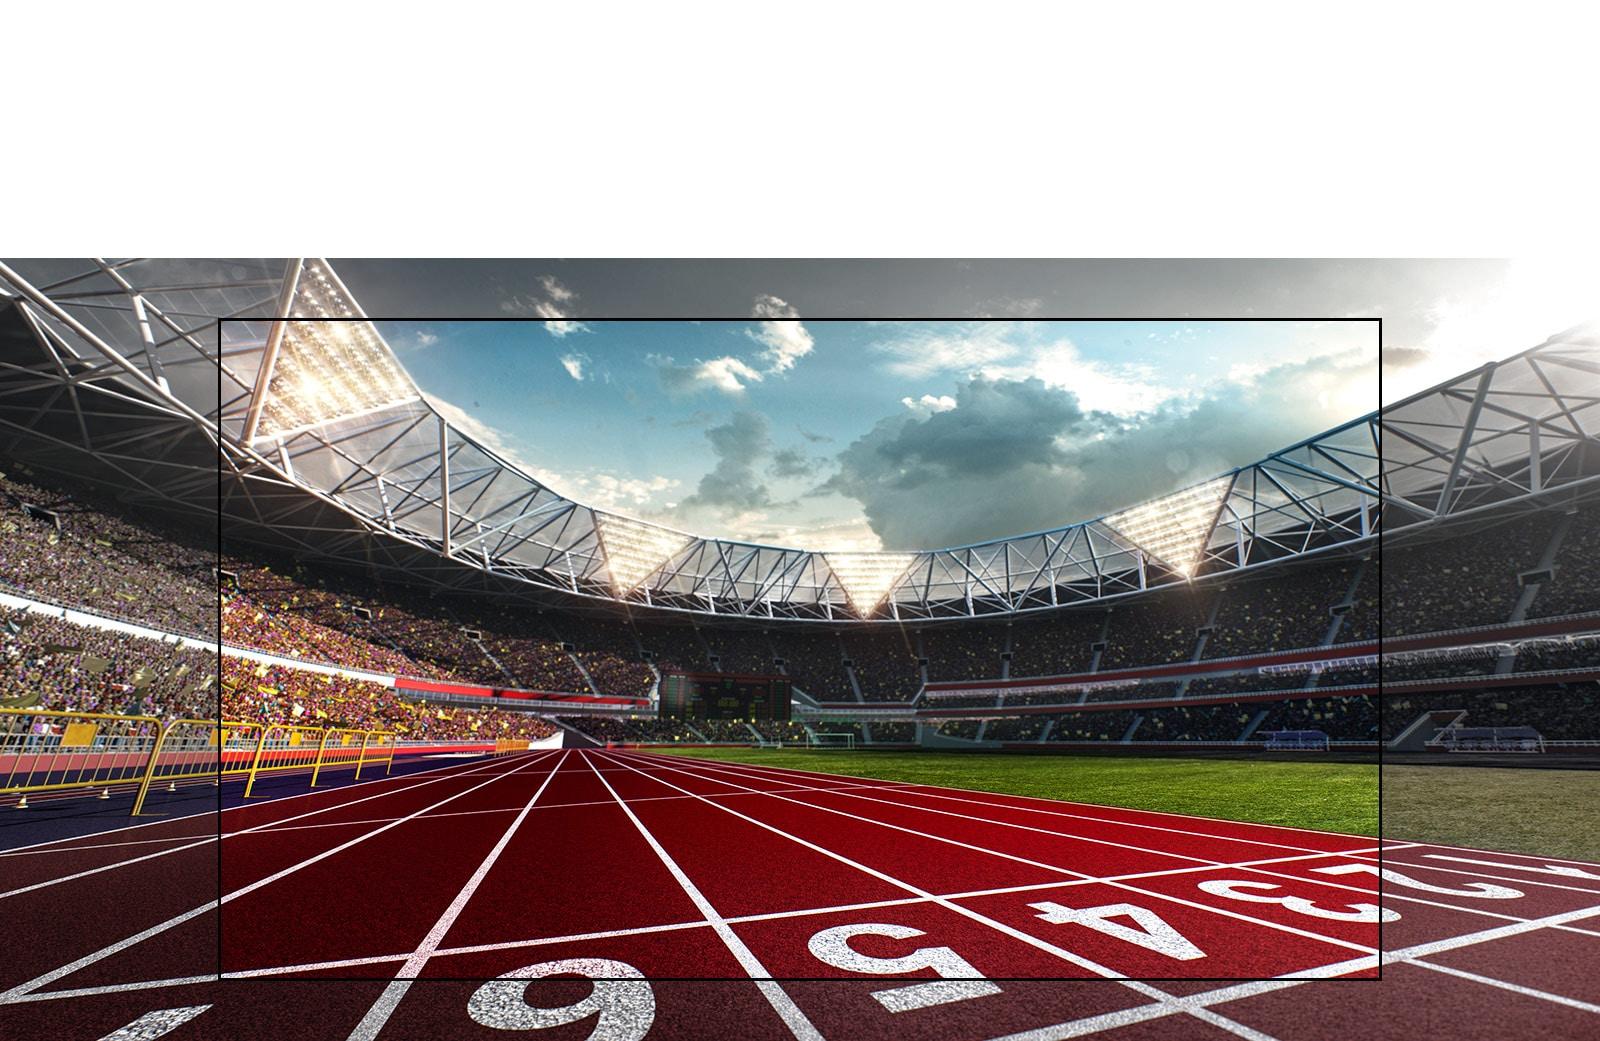 LG 49UN71006LB Bir stadyum koşu parkuru manzaralı gösterilen tv ekranı kapatın. Stadyum seyircilerle dolu.